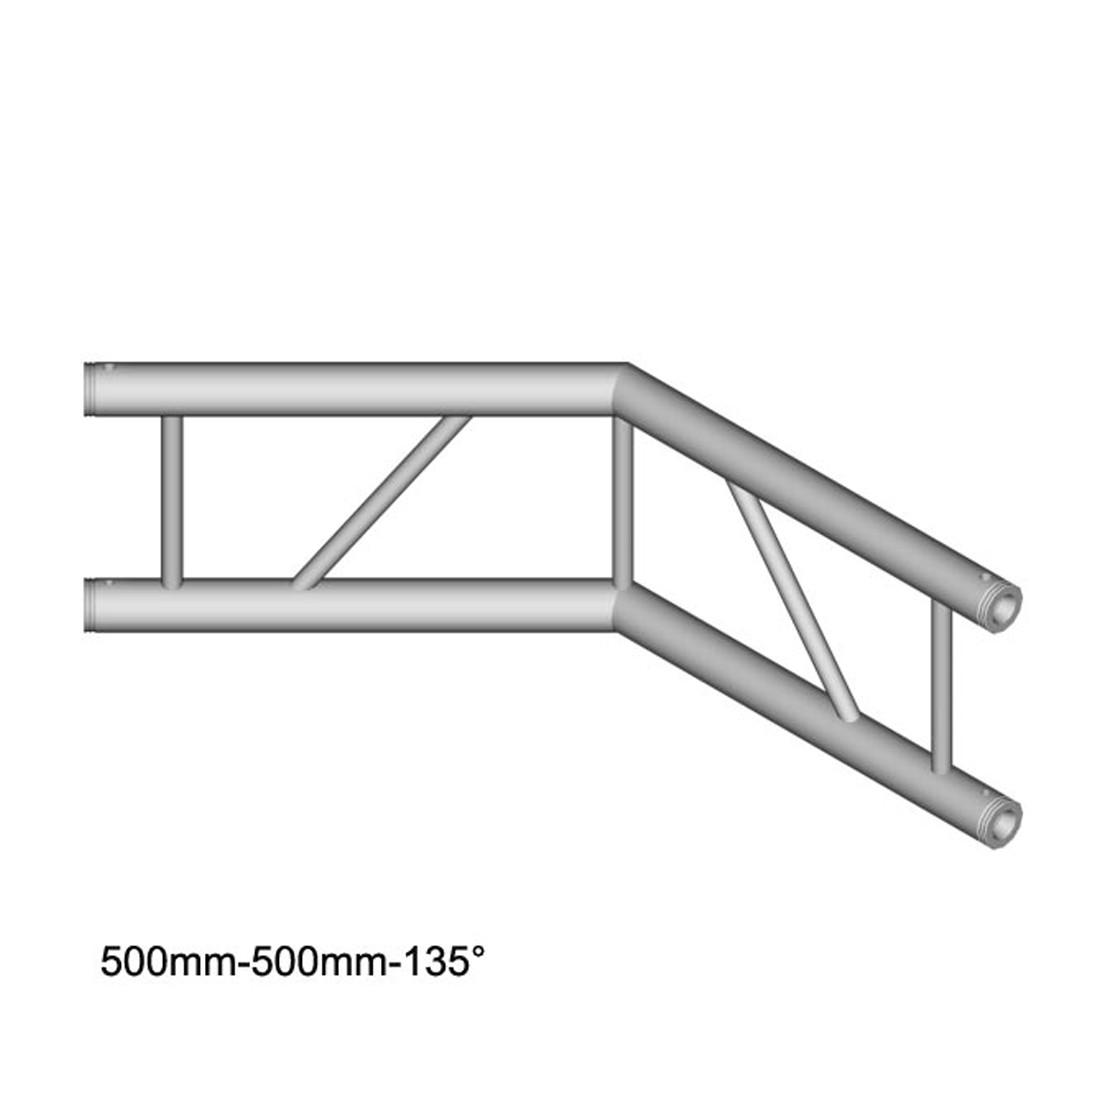 DT 32/2-C23V-L135 - DT 32/2 - Ladder Truss - Products